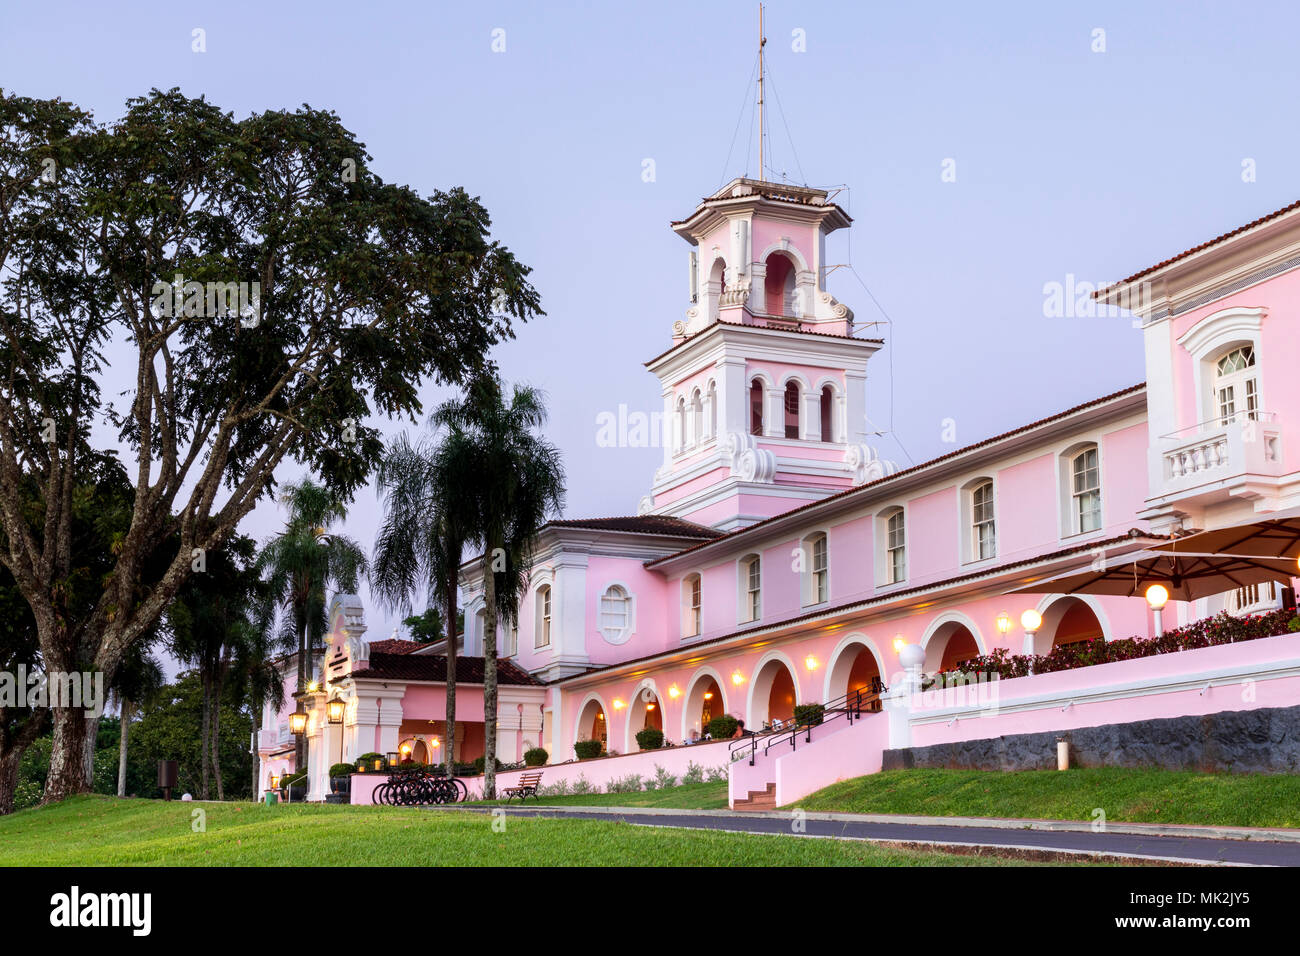 Belmond Hotel das cataractes à Iguacu falls au Brésil Banque D'Images